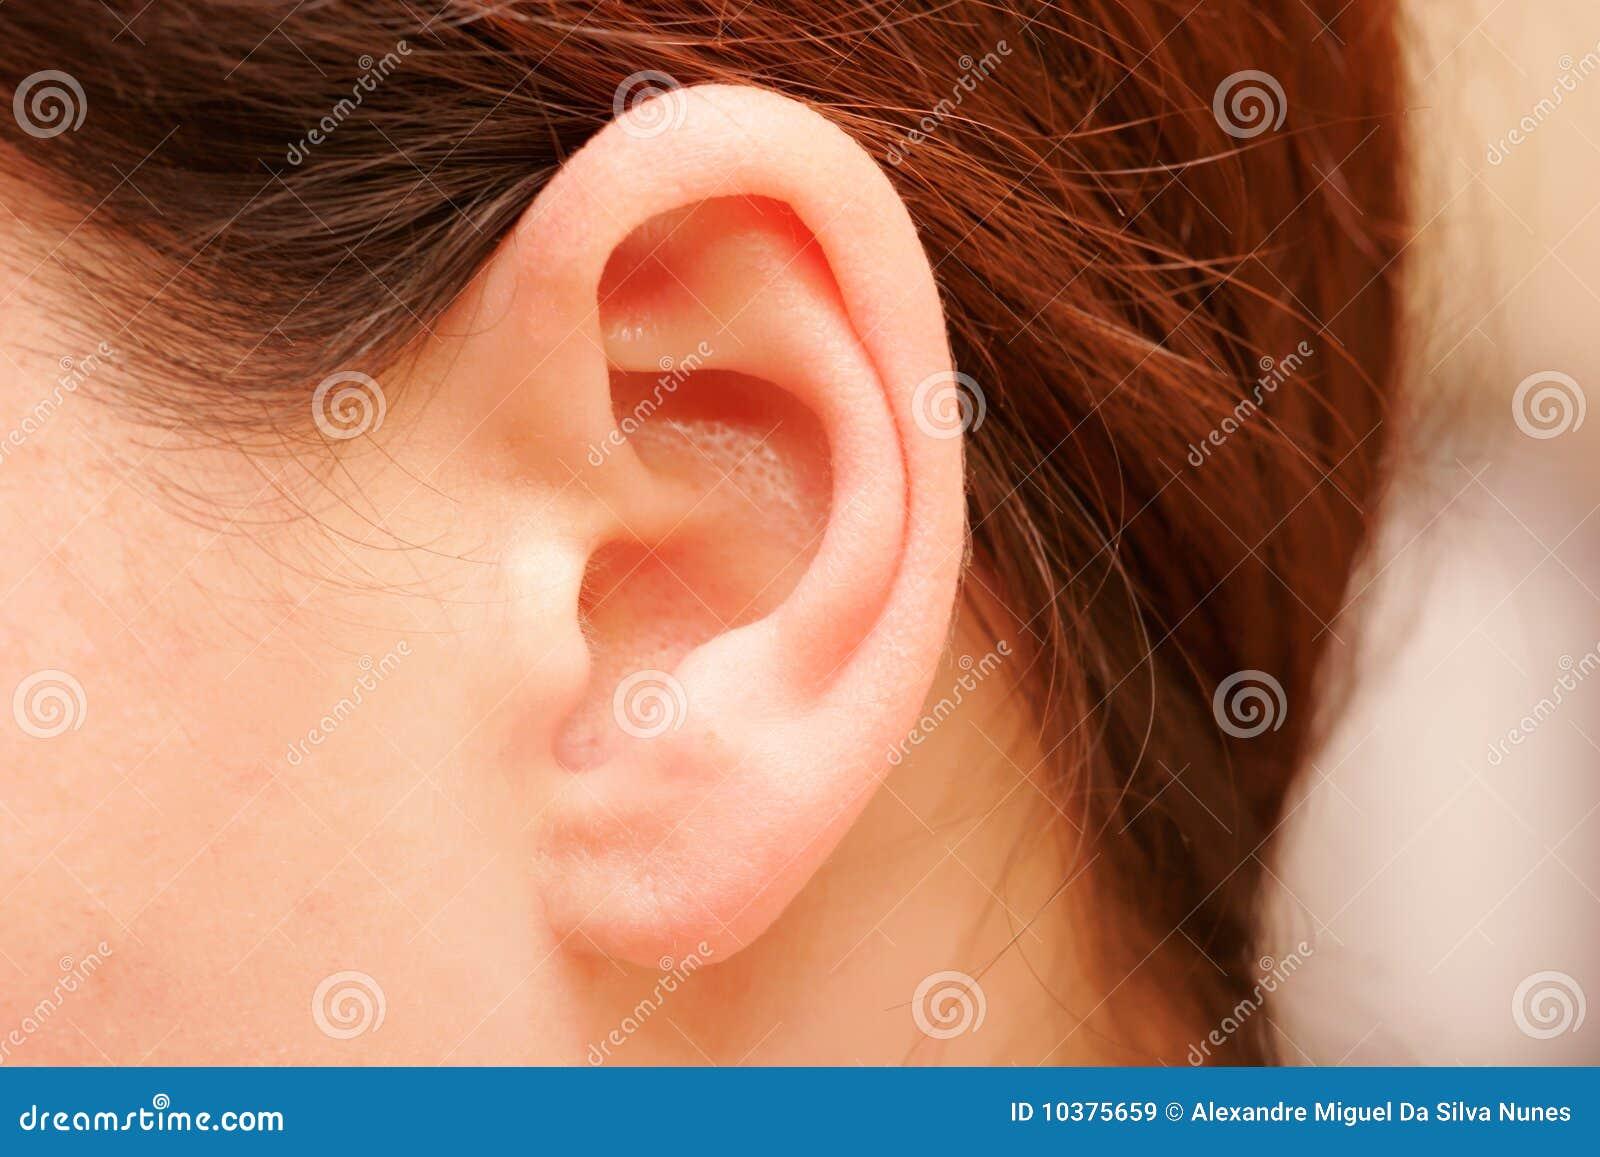 Как уменьшить мочки ушей в домашних условиях